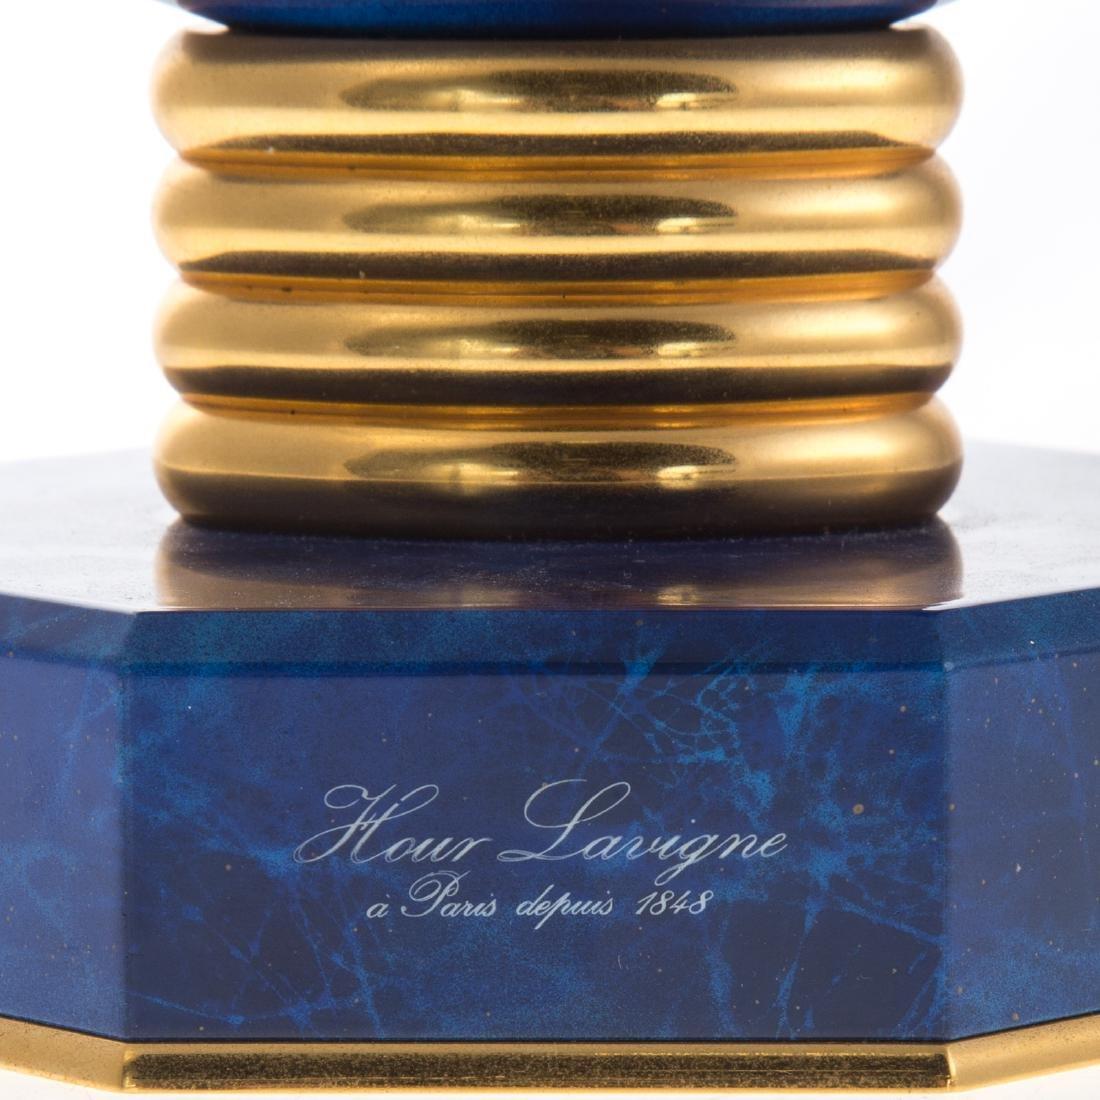 Hour Lavigne blue hardstone desk clock - 2